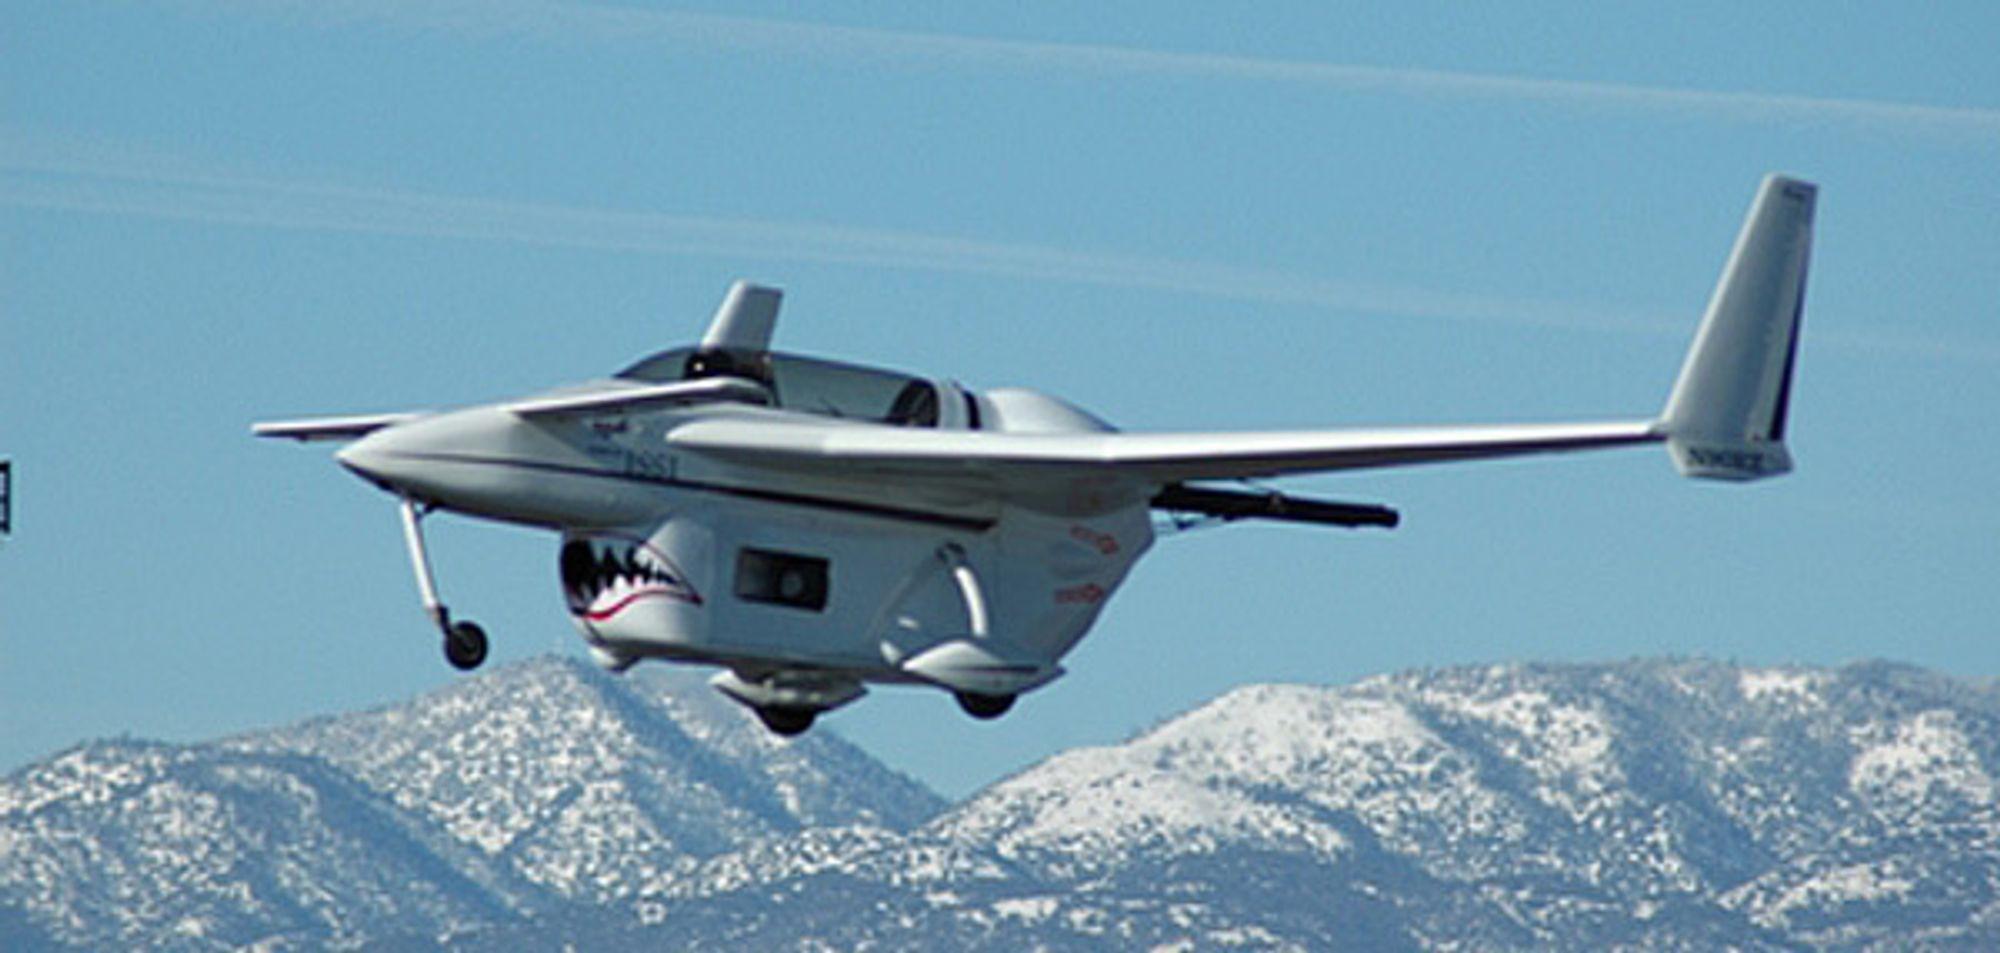 Dette Long EZ-flyet, utstyrt med pulsdetonasjonsmotor, fløy i 10 sekunder over Mojave-ørkenen tidligere i år. Teknologien kan gi drastiske hastighetsøkninger.